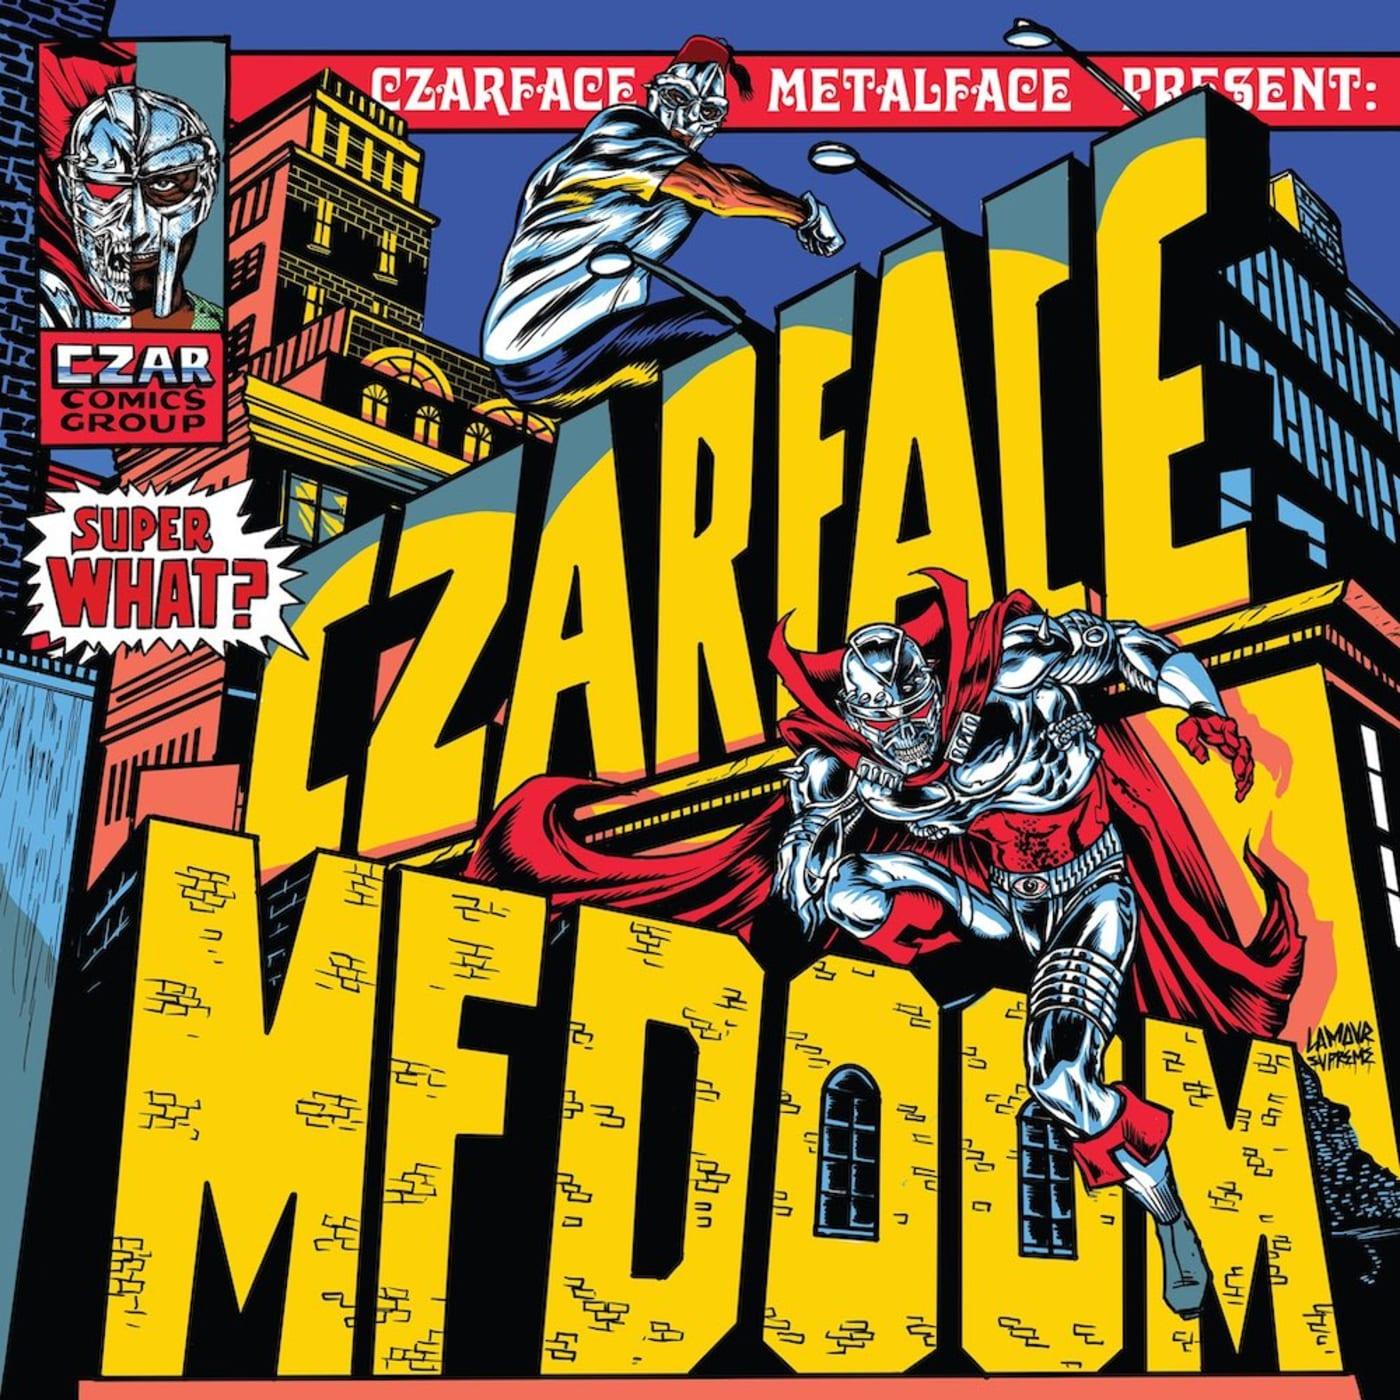 MF DOOM x Czarface 'Super What?'